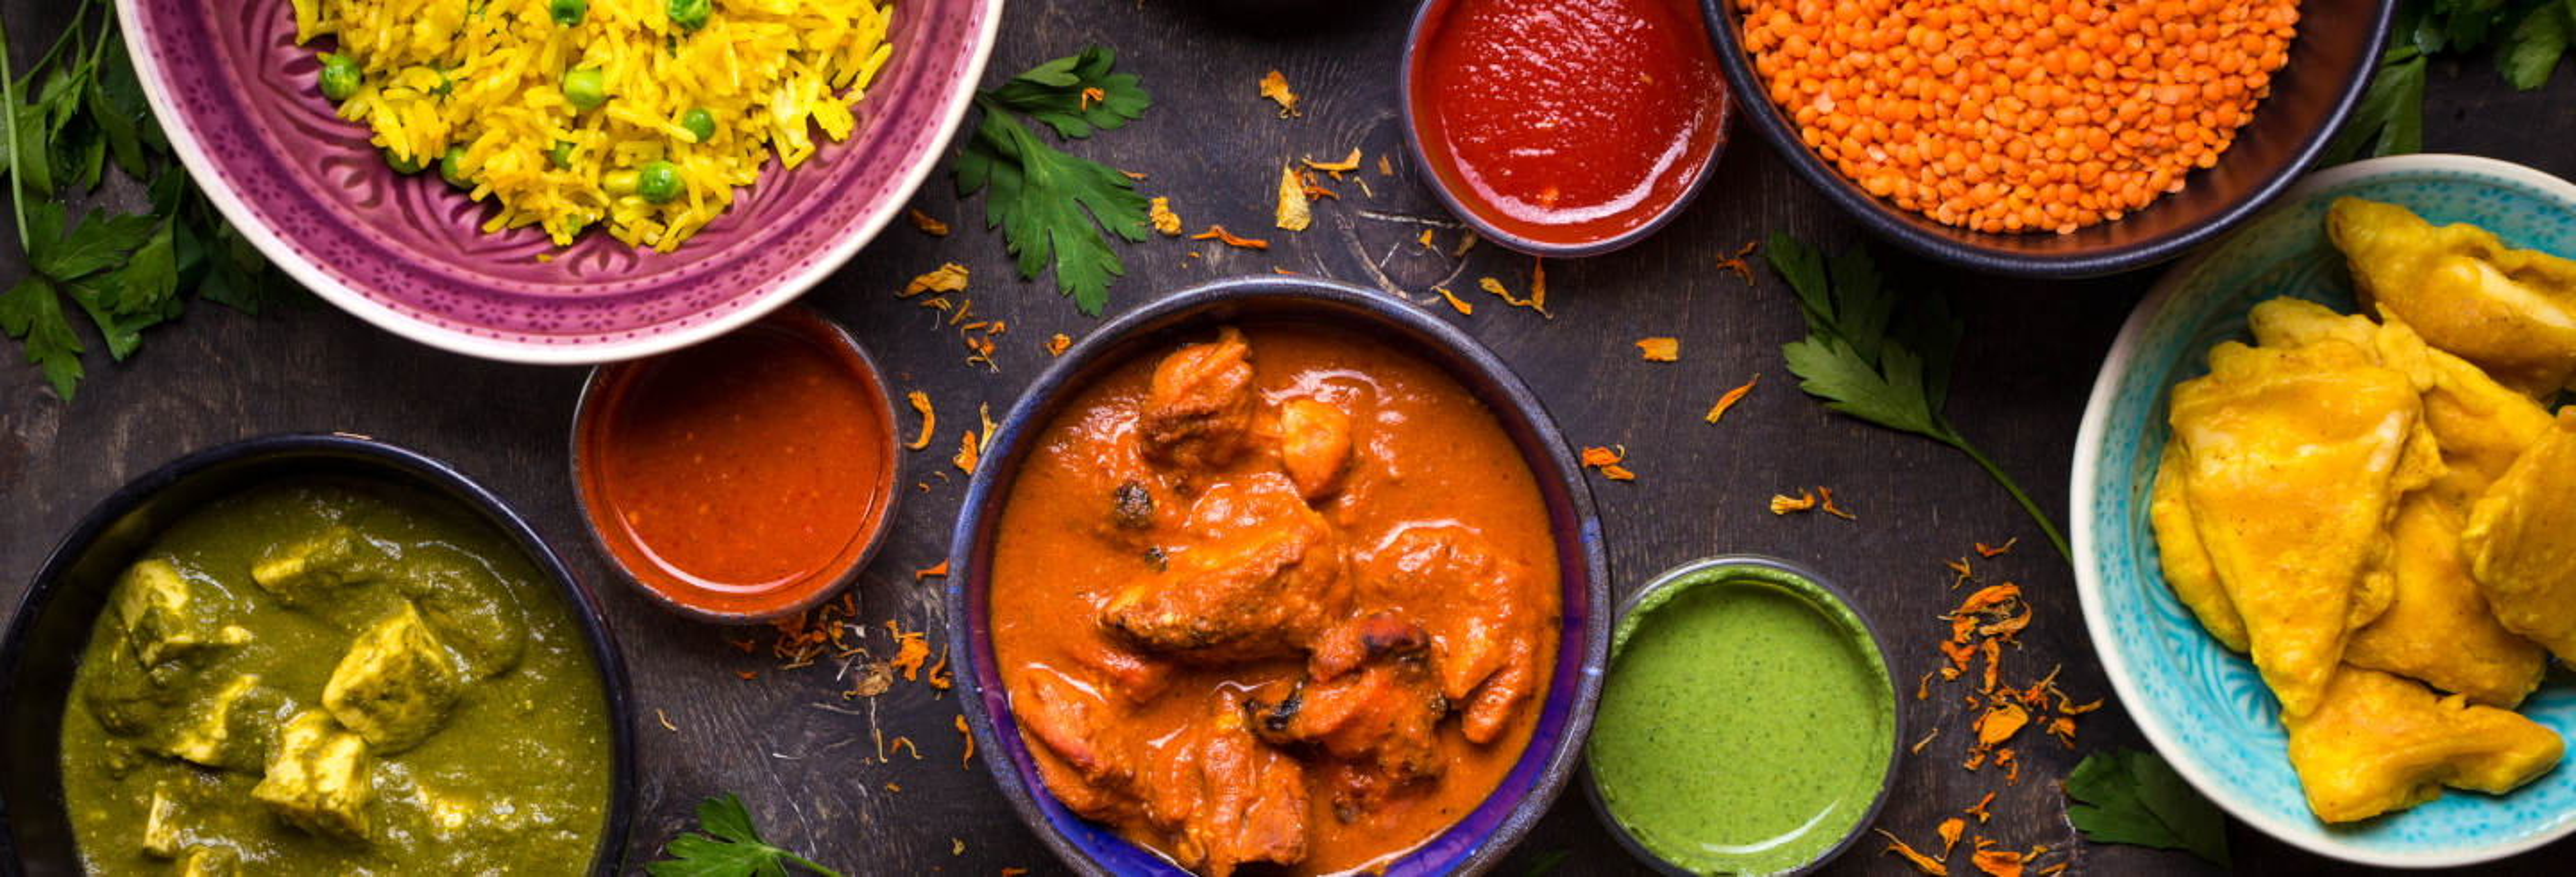 Tour gastronómico por Bombay